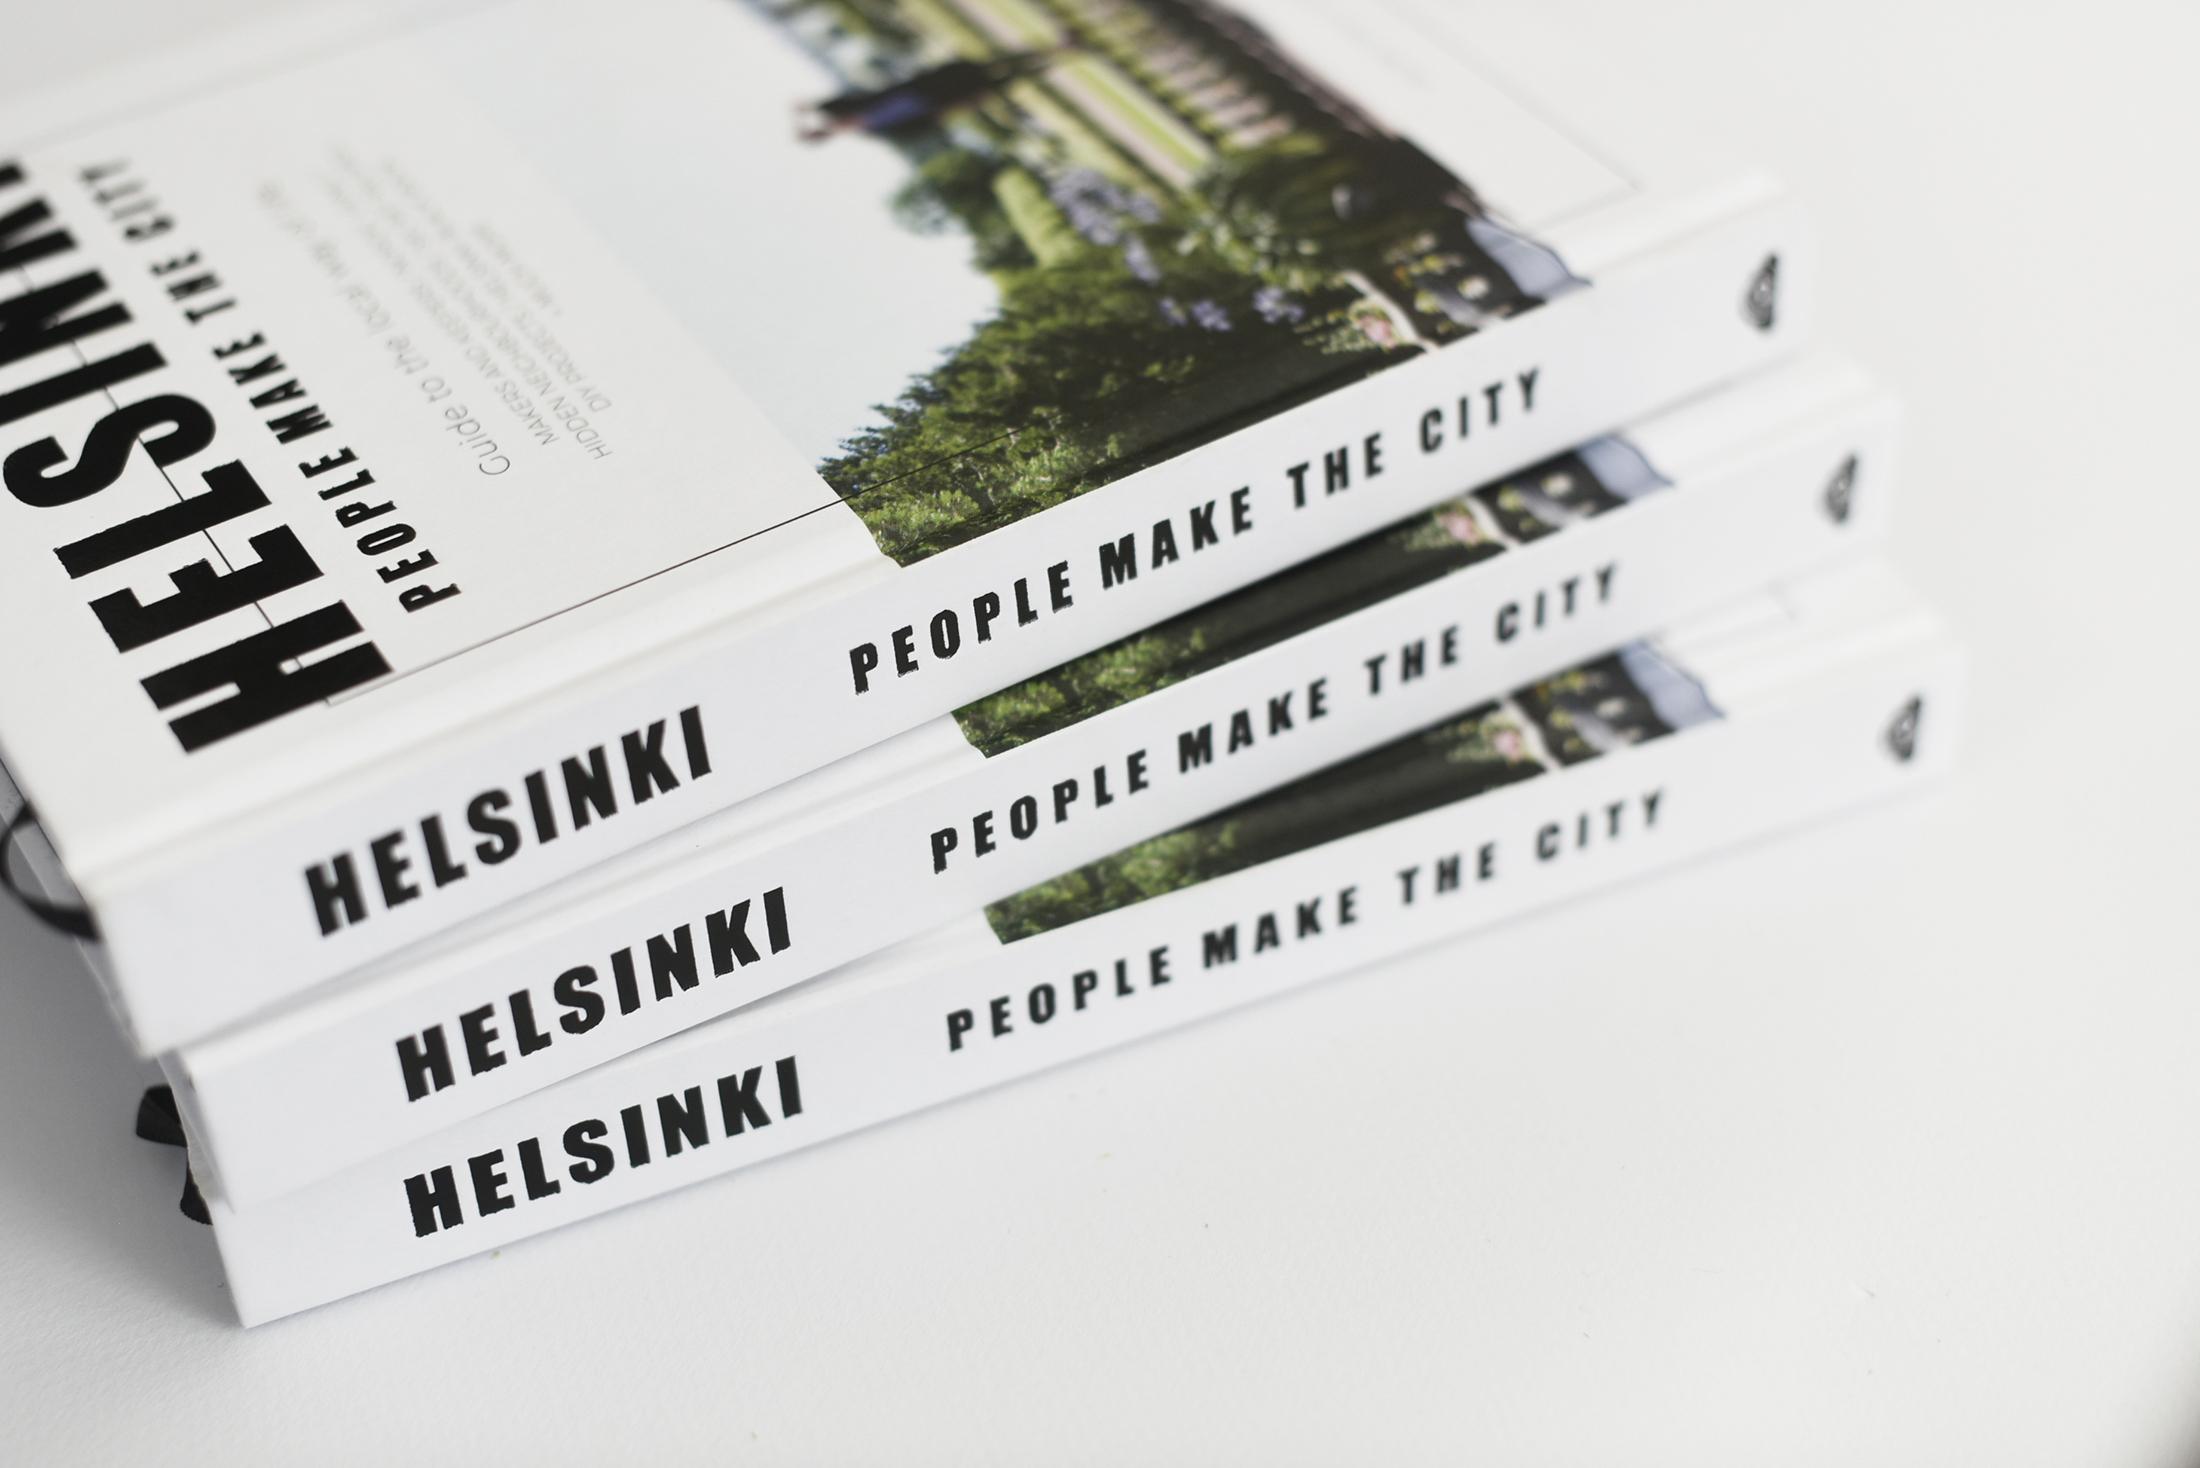 Helsinki003.jpg